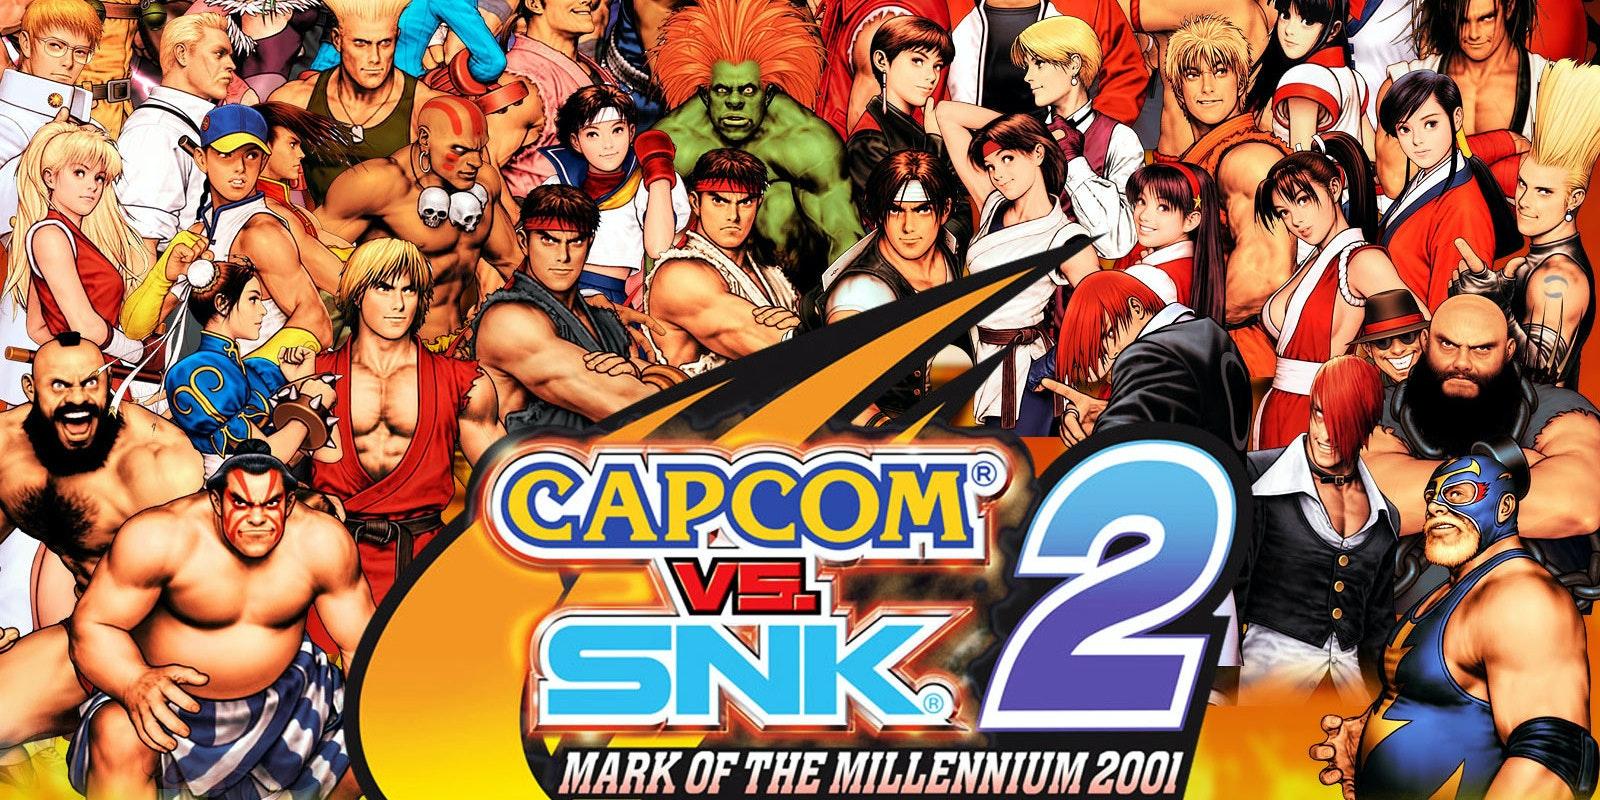 Bringing Back 'Capcom vs. SNK'...